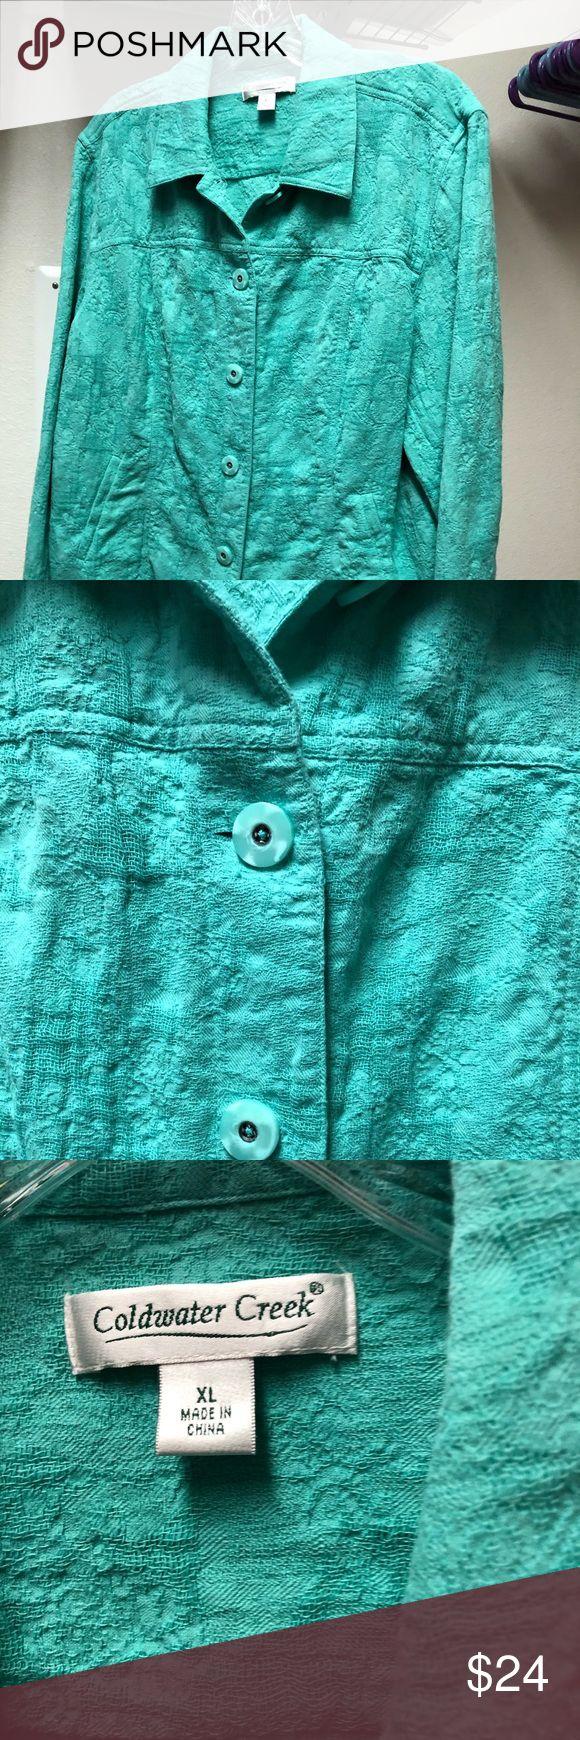 Coldwater Creek Jacket Schöne mintgrüne Jacke. Kann mit einem Rock oder …